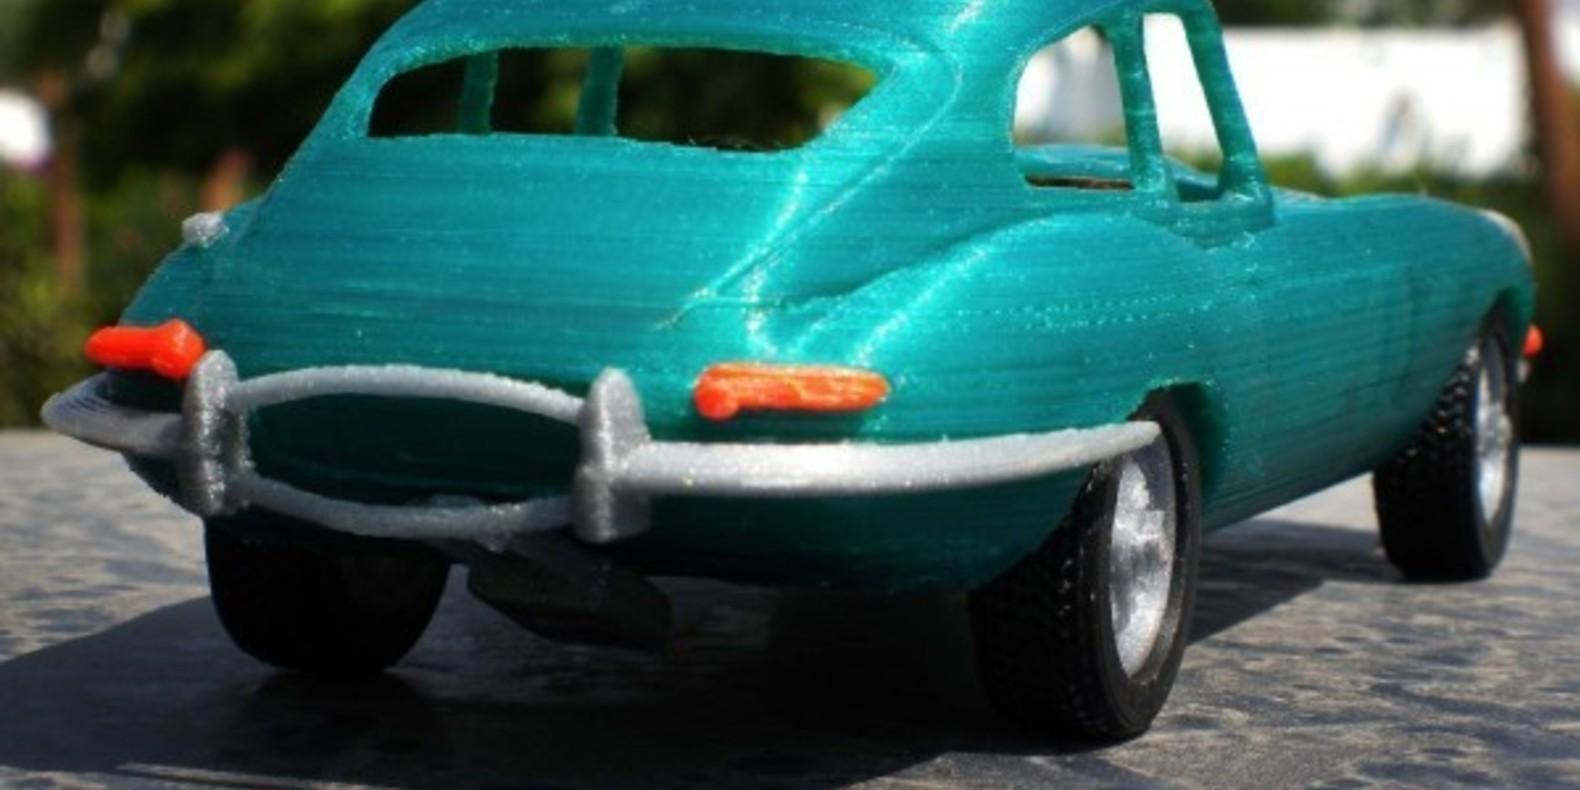 Mao casella jaguar type E maquette model 3D printed imprimé en 3D voiture car fichier STL Cults 4